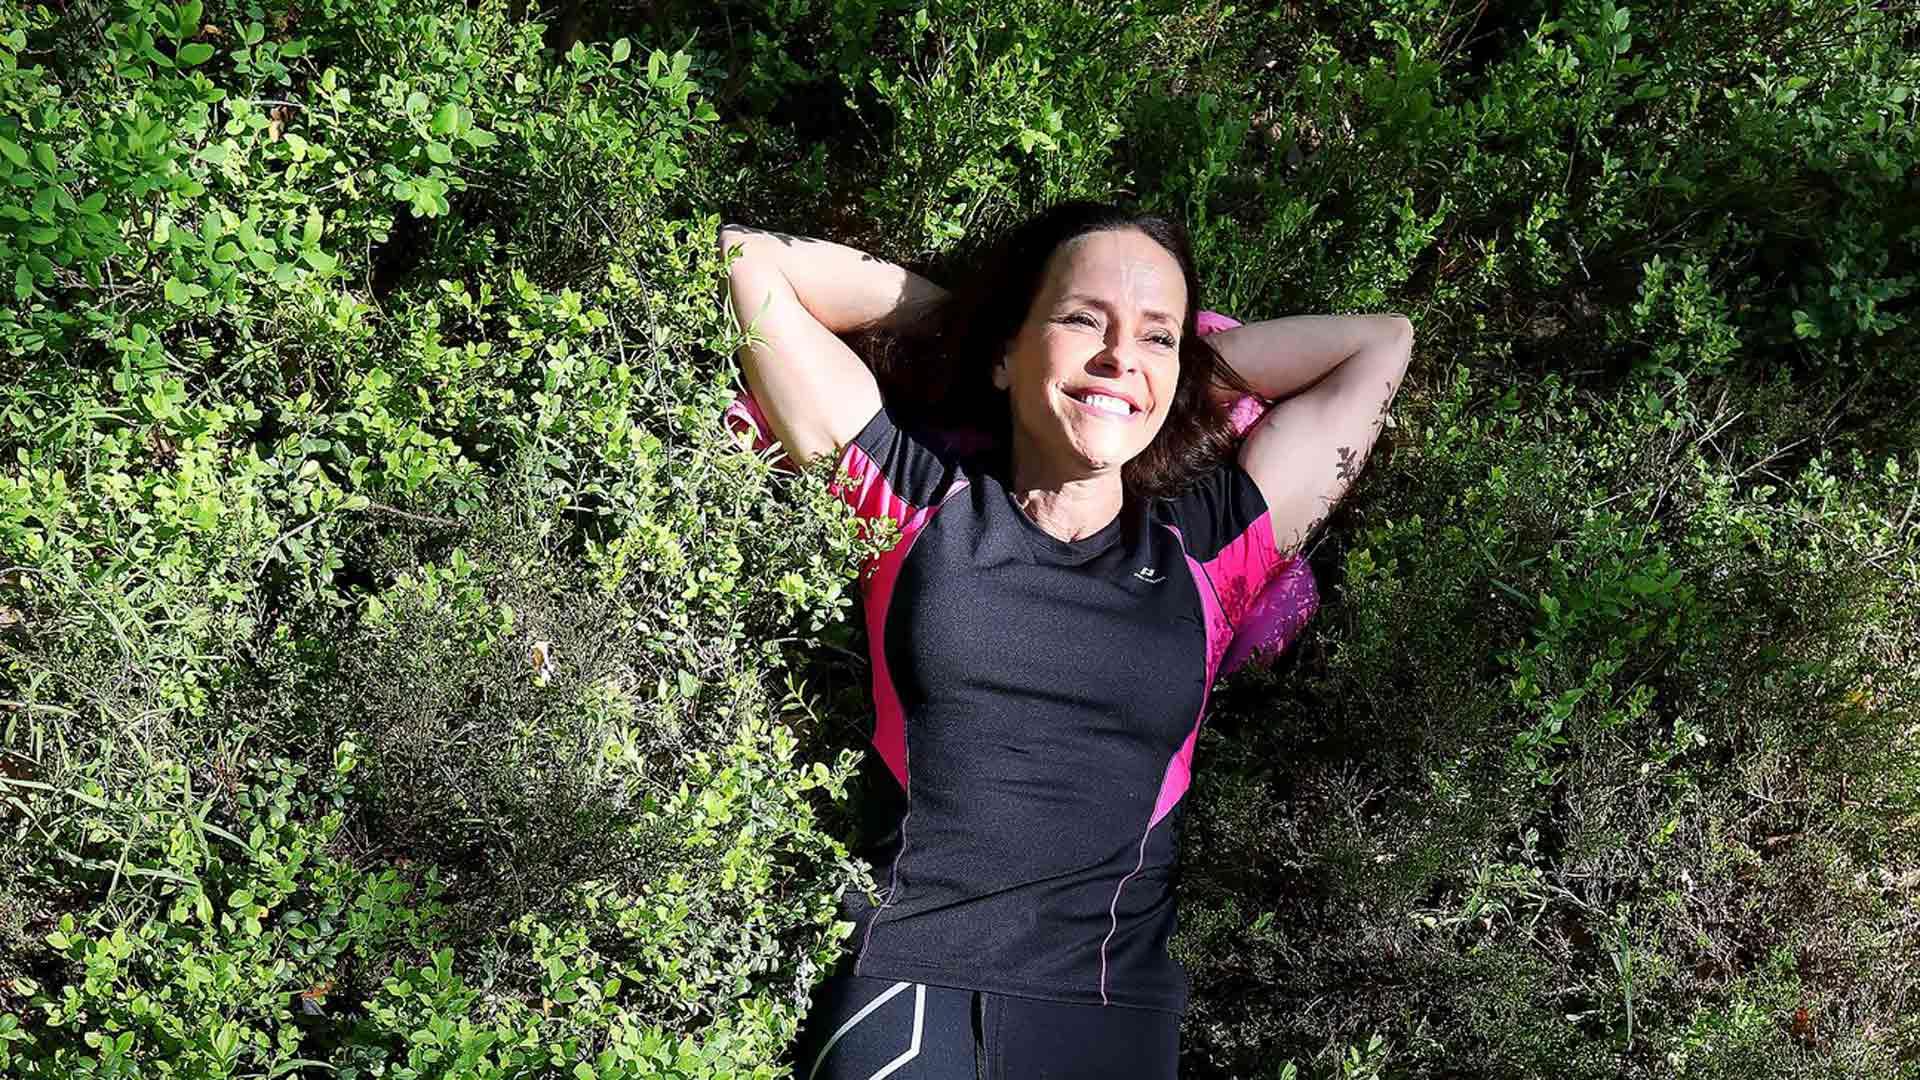 """""""En yleensä ota metsälenkeille puhelinta mukaan, vaan keskityn itseni ja ajatusteni kanssa olemiseen"""", kertoo Maria Kuusiluoma."""